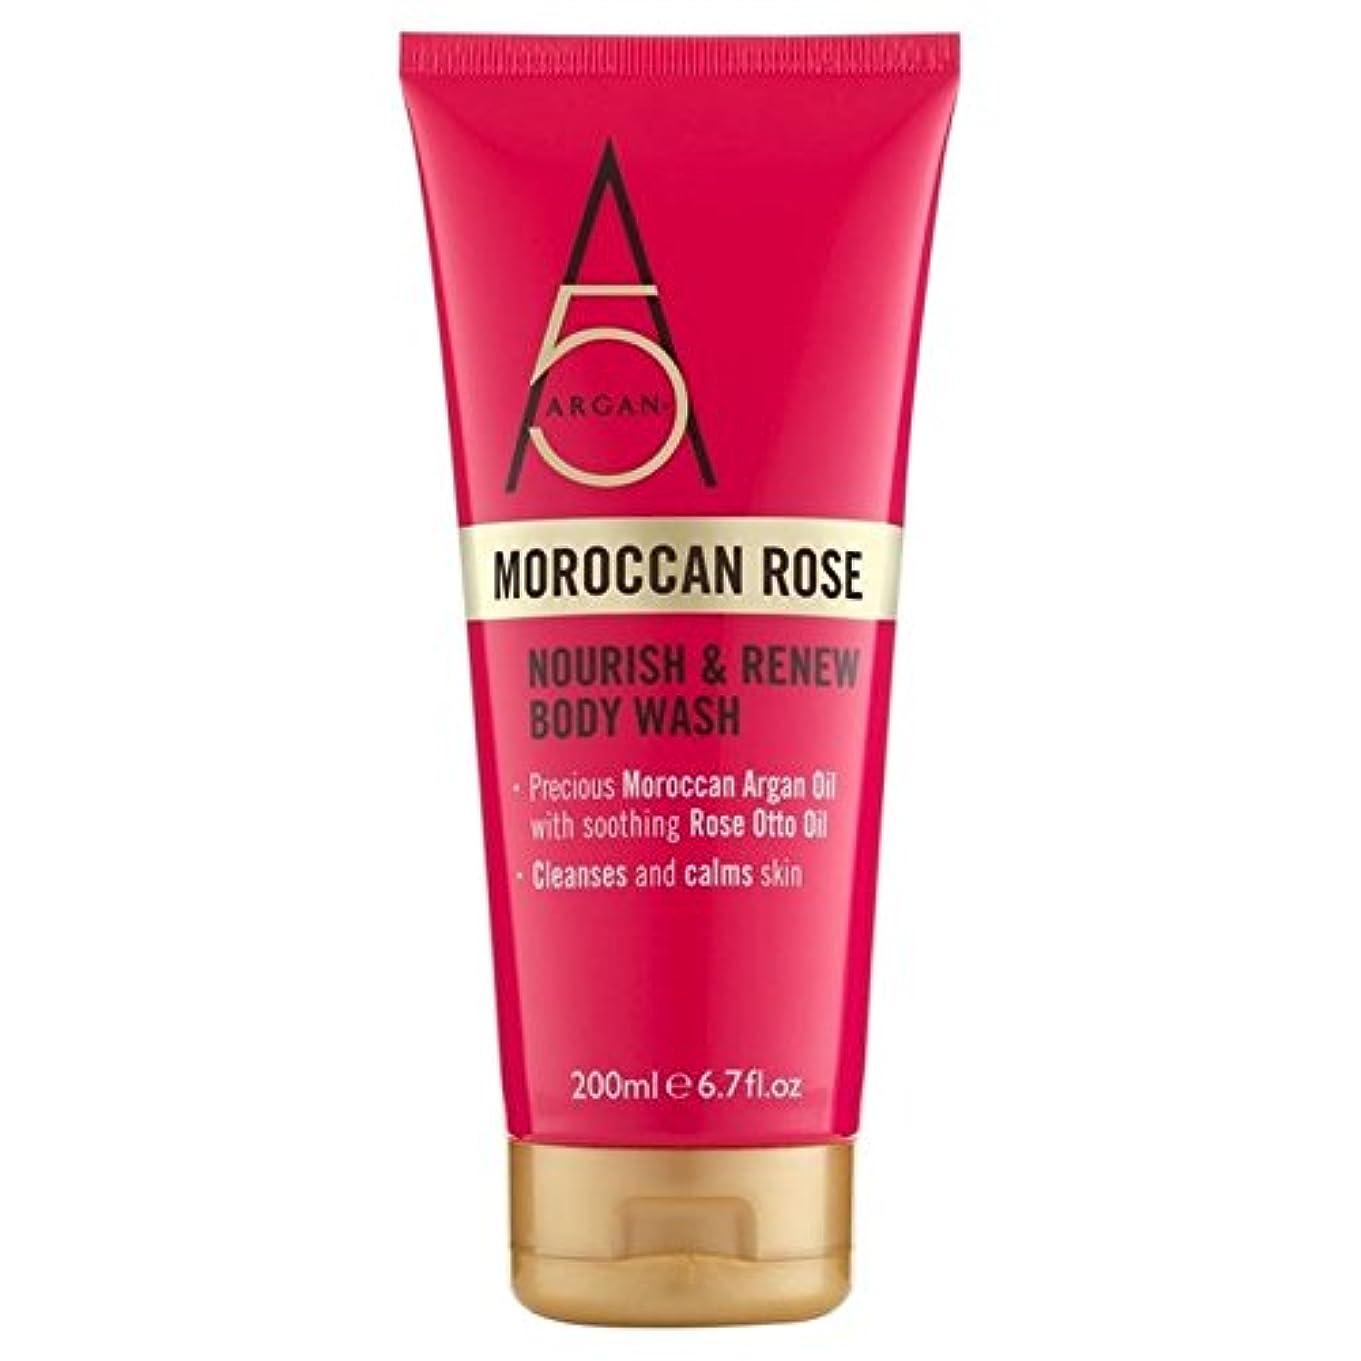 め言葉ローンコンクリートArgan+ Moroccan Rose Body Wash 300ml - アルガン+モロッコは、ボディウォッシュ300ミリリットルをバラ [並行輸入品]